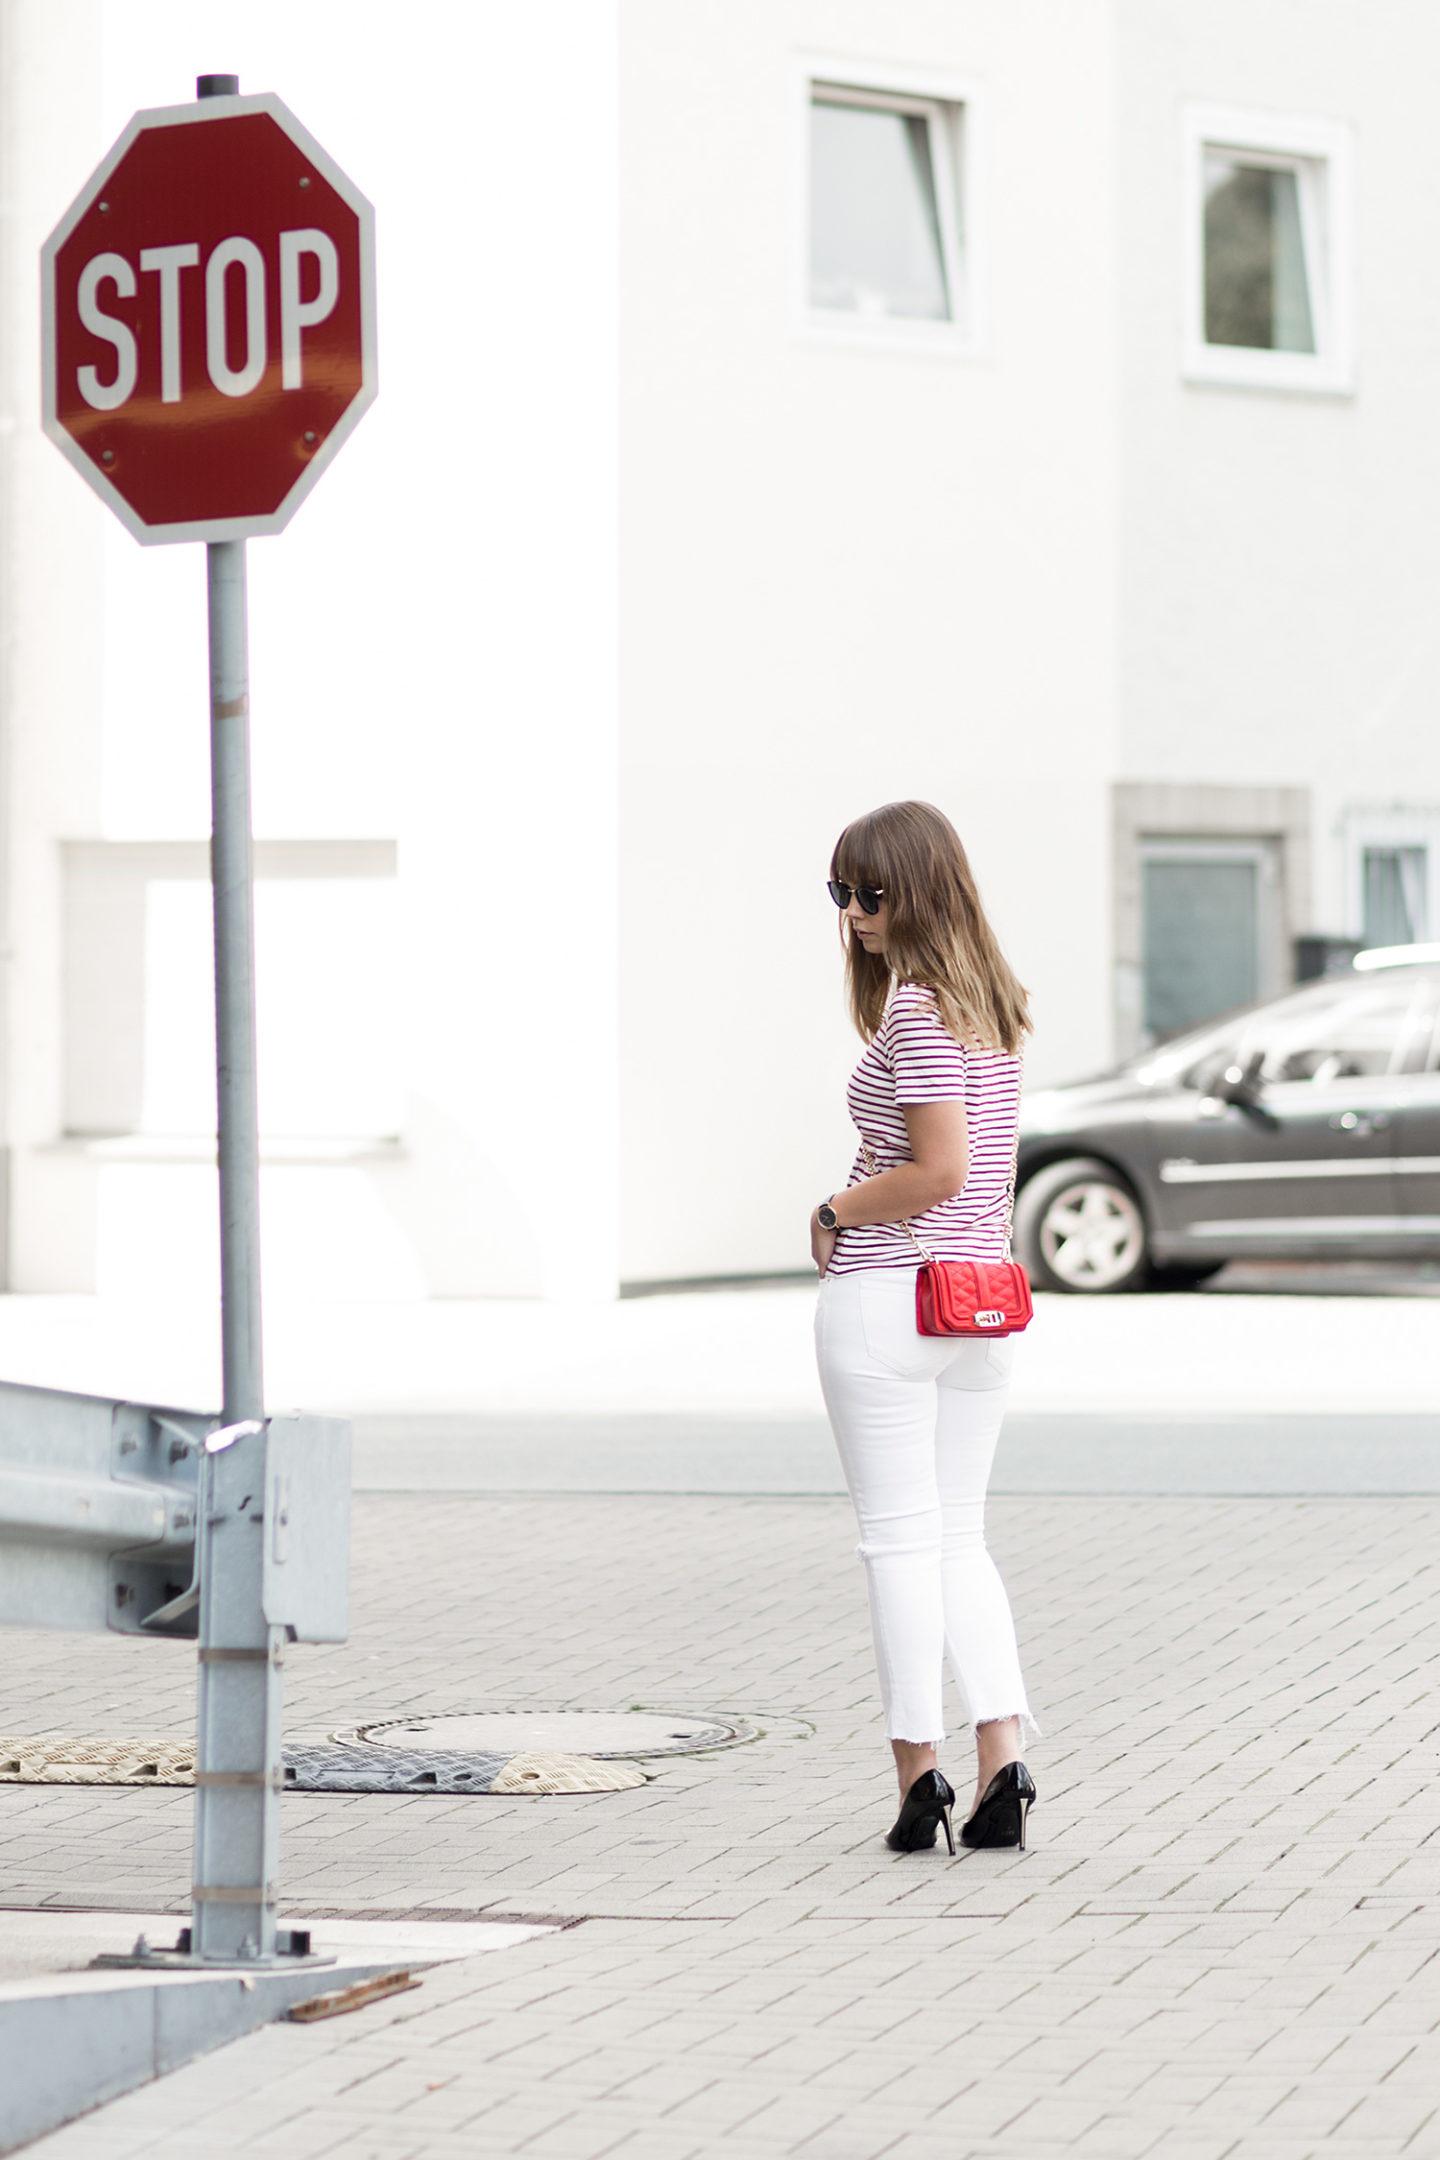 sommerliches-outfit-in-rot-und-weiß-gestreiftes-shirt-weiße-jeans-rote-rebecca-minkoff-tasche-streetstyle-bezauberndenana-2